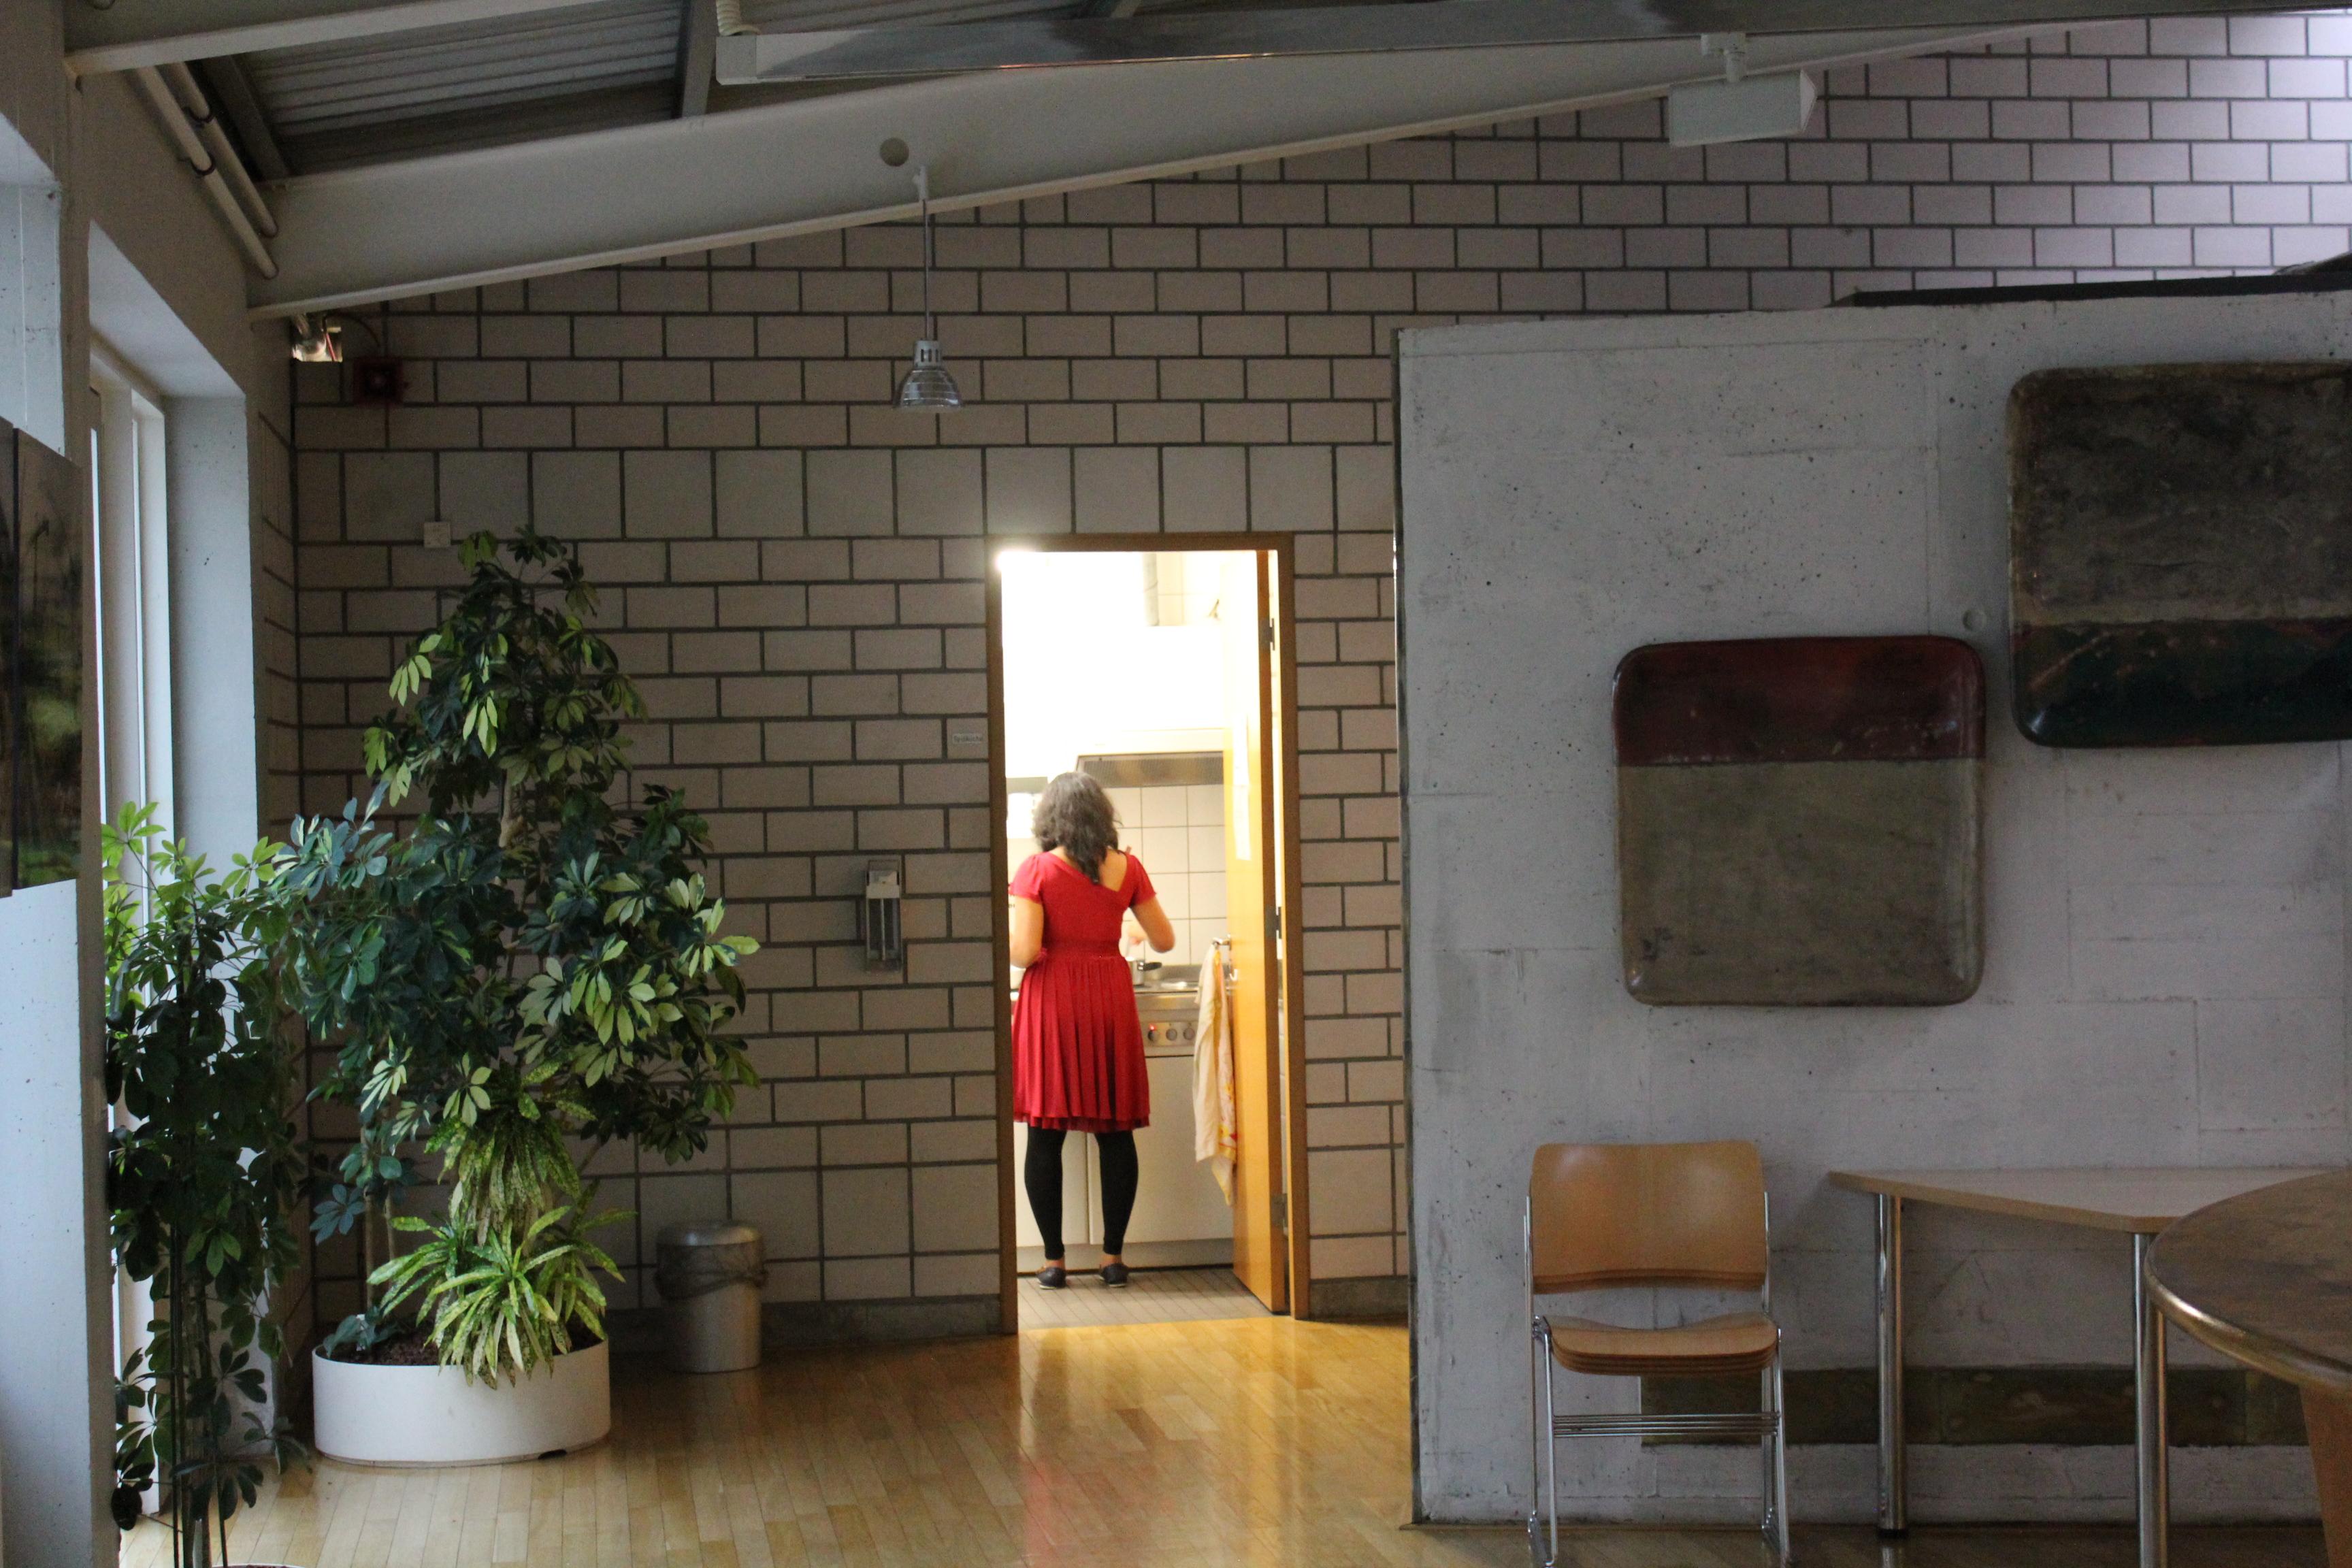 Partnersuche online in steinhaus - Kontakanzeigen